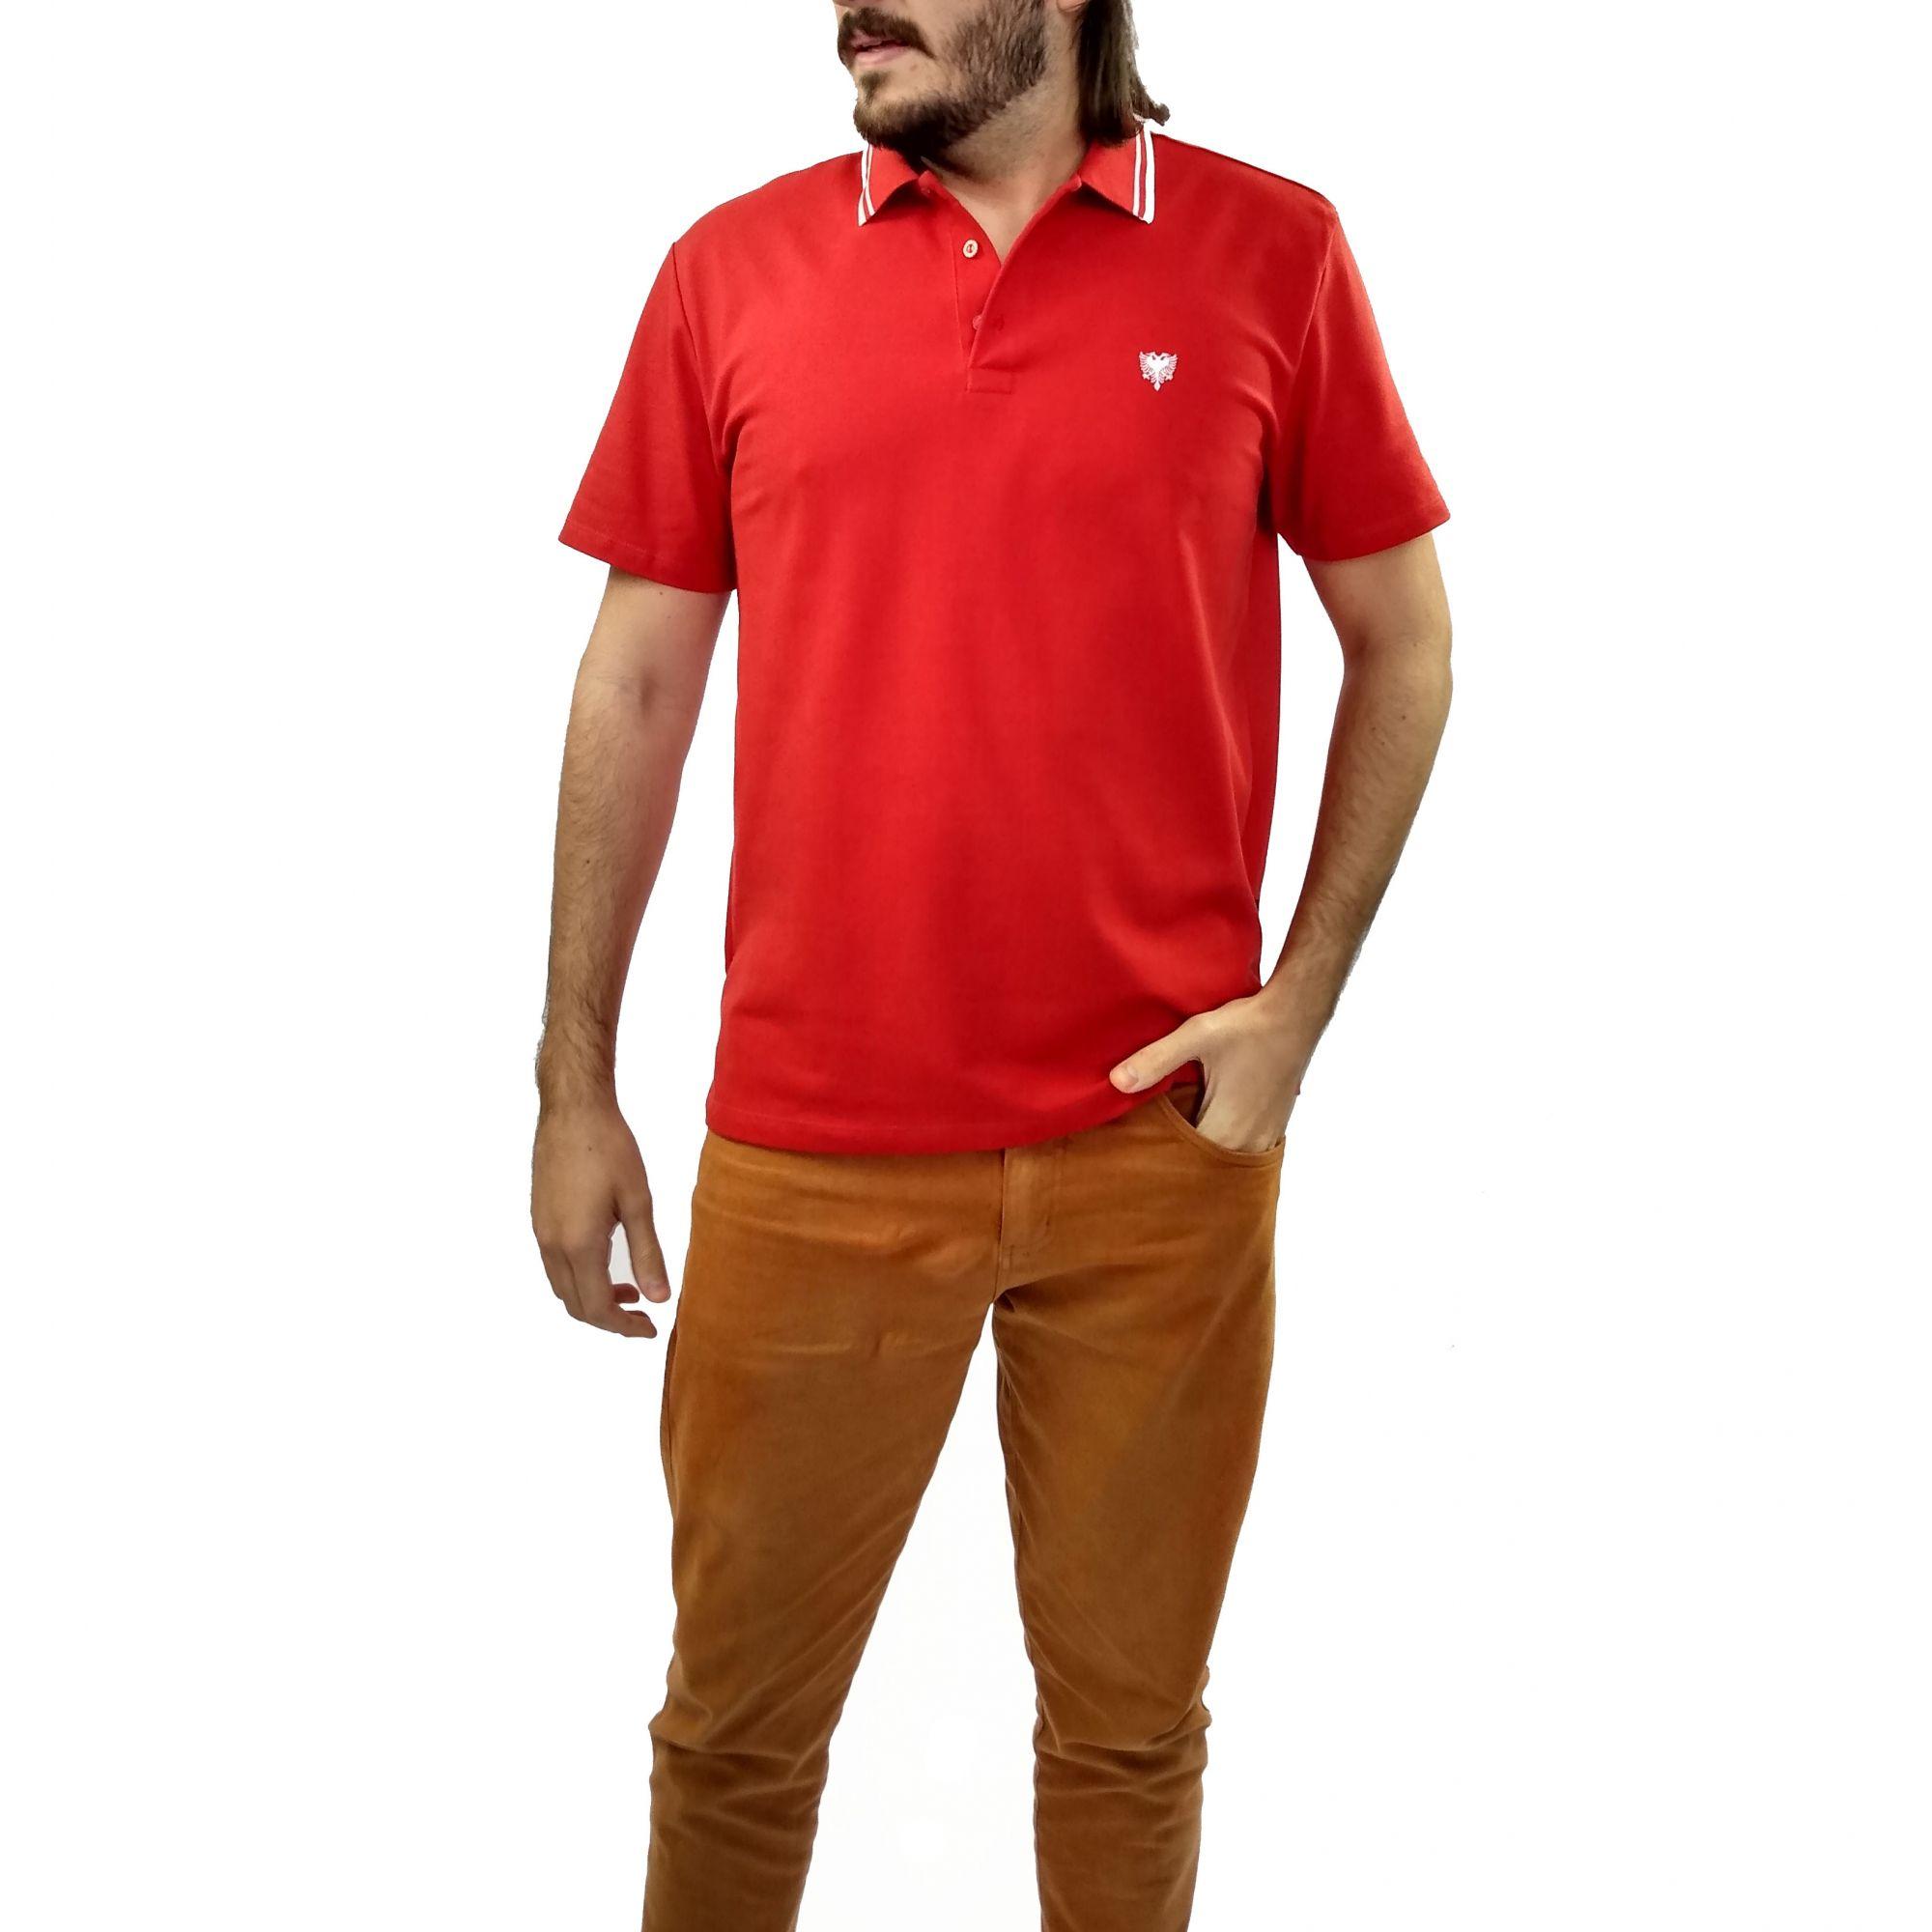 Camiseta Cavalera Masculina Gola Polo